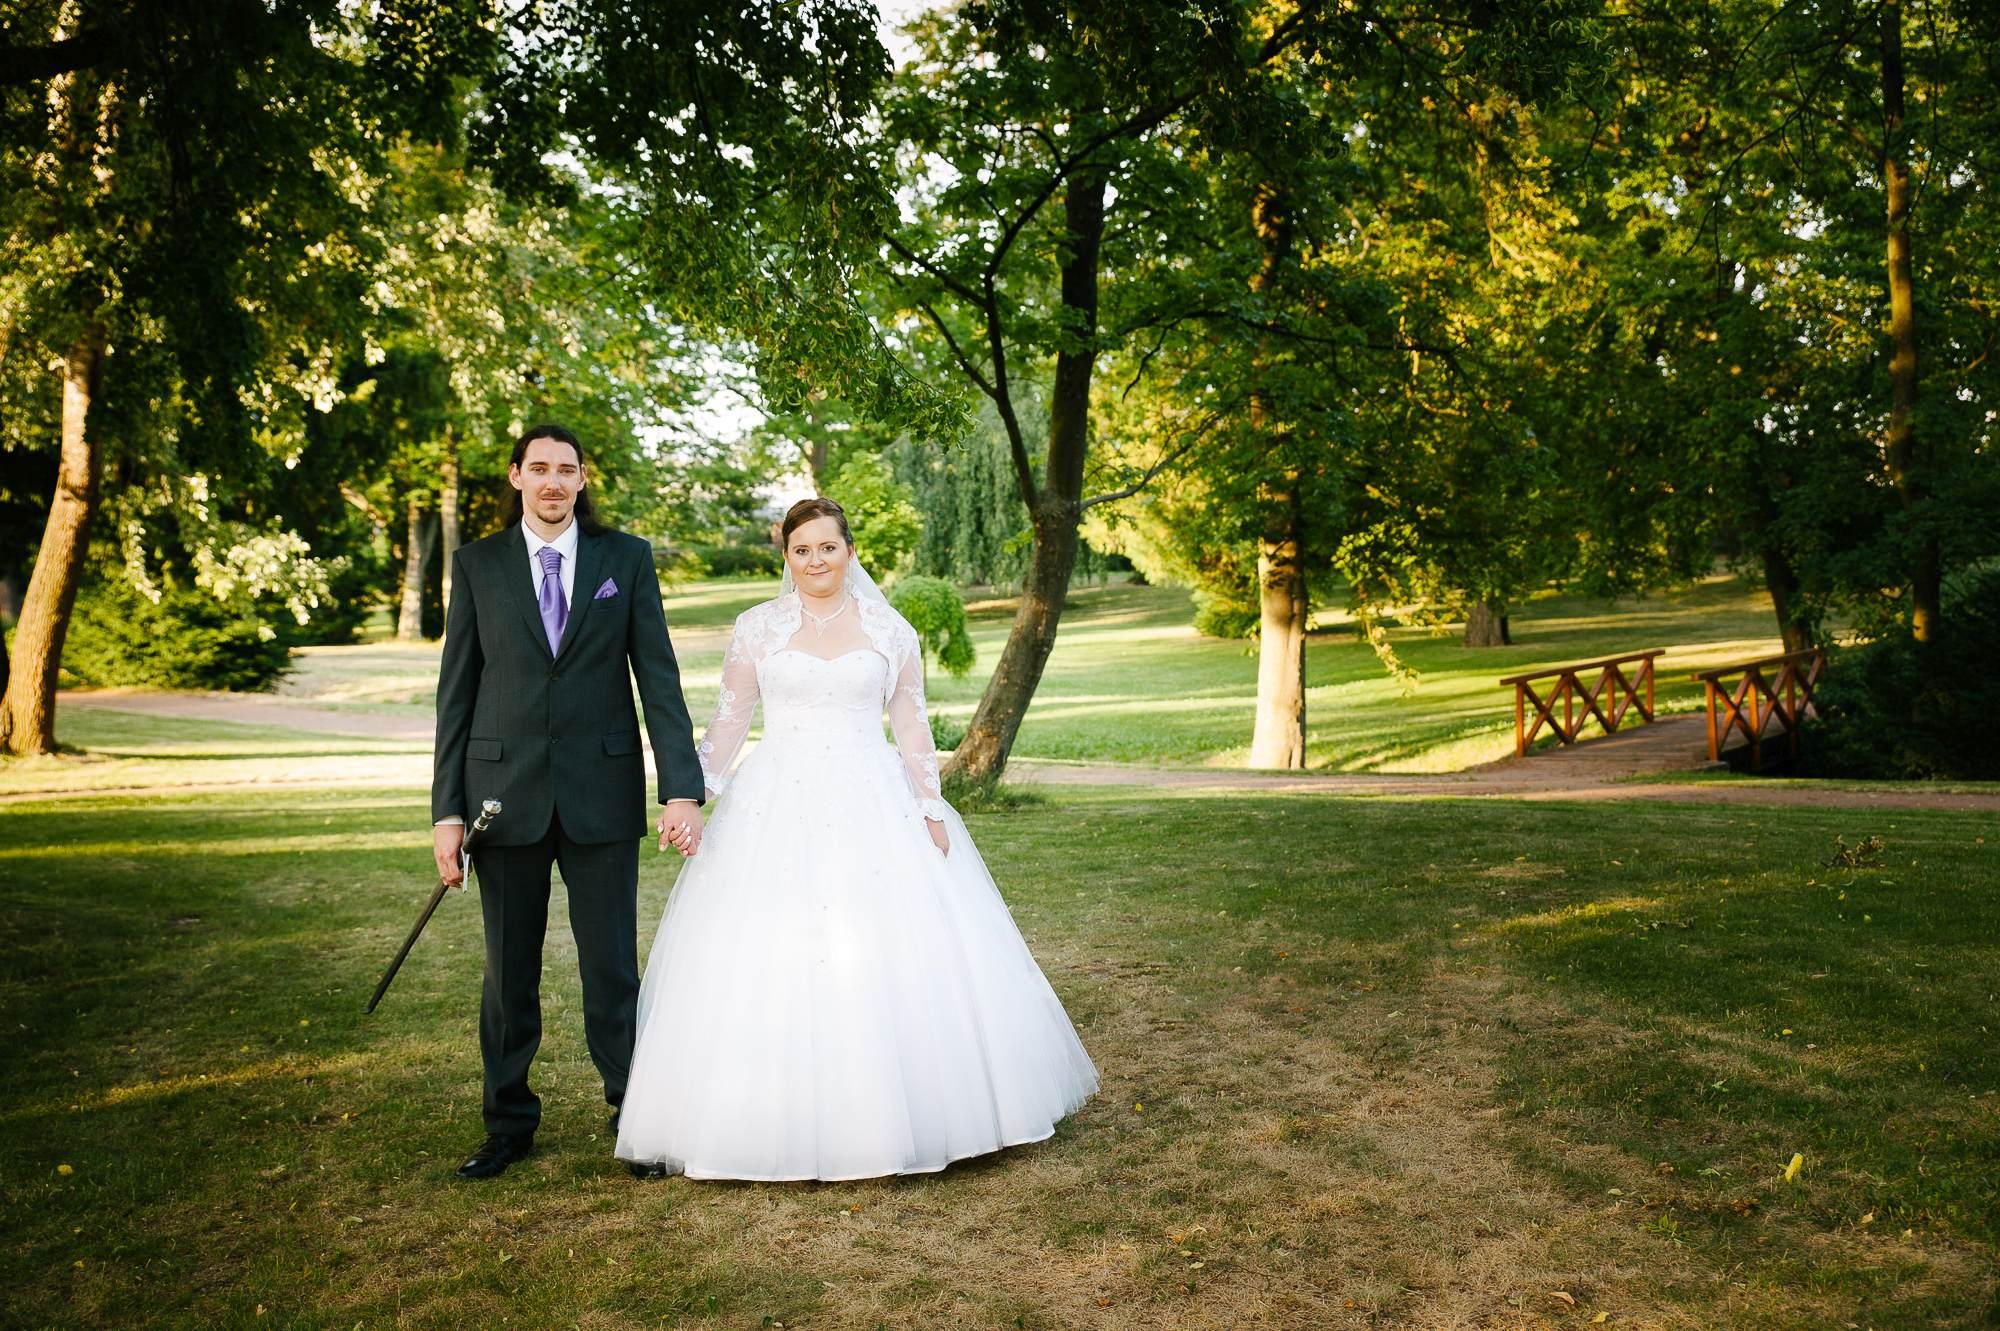 Svatební fotograf, Habrovany, Olšany, jižní Morava